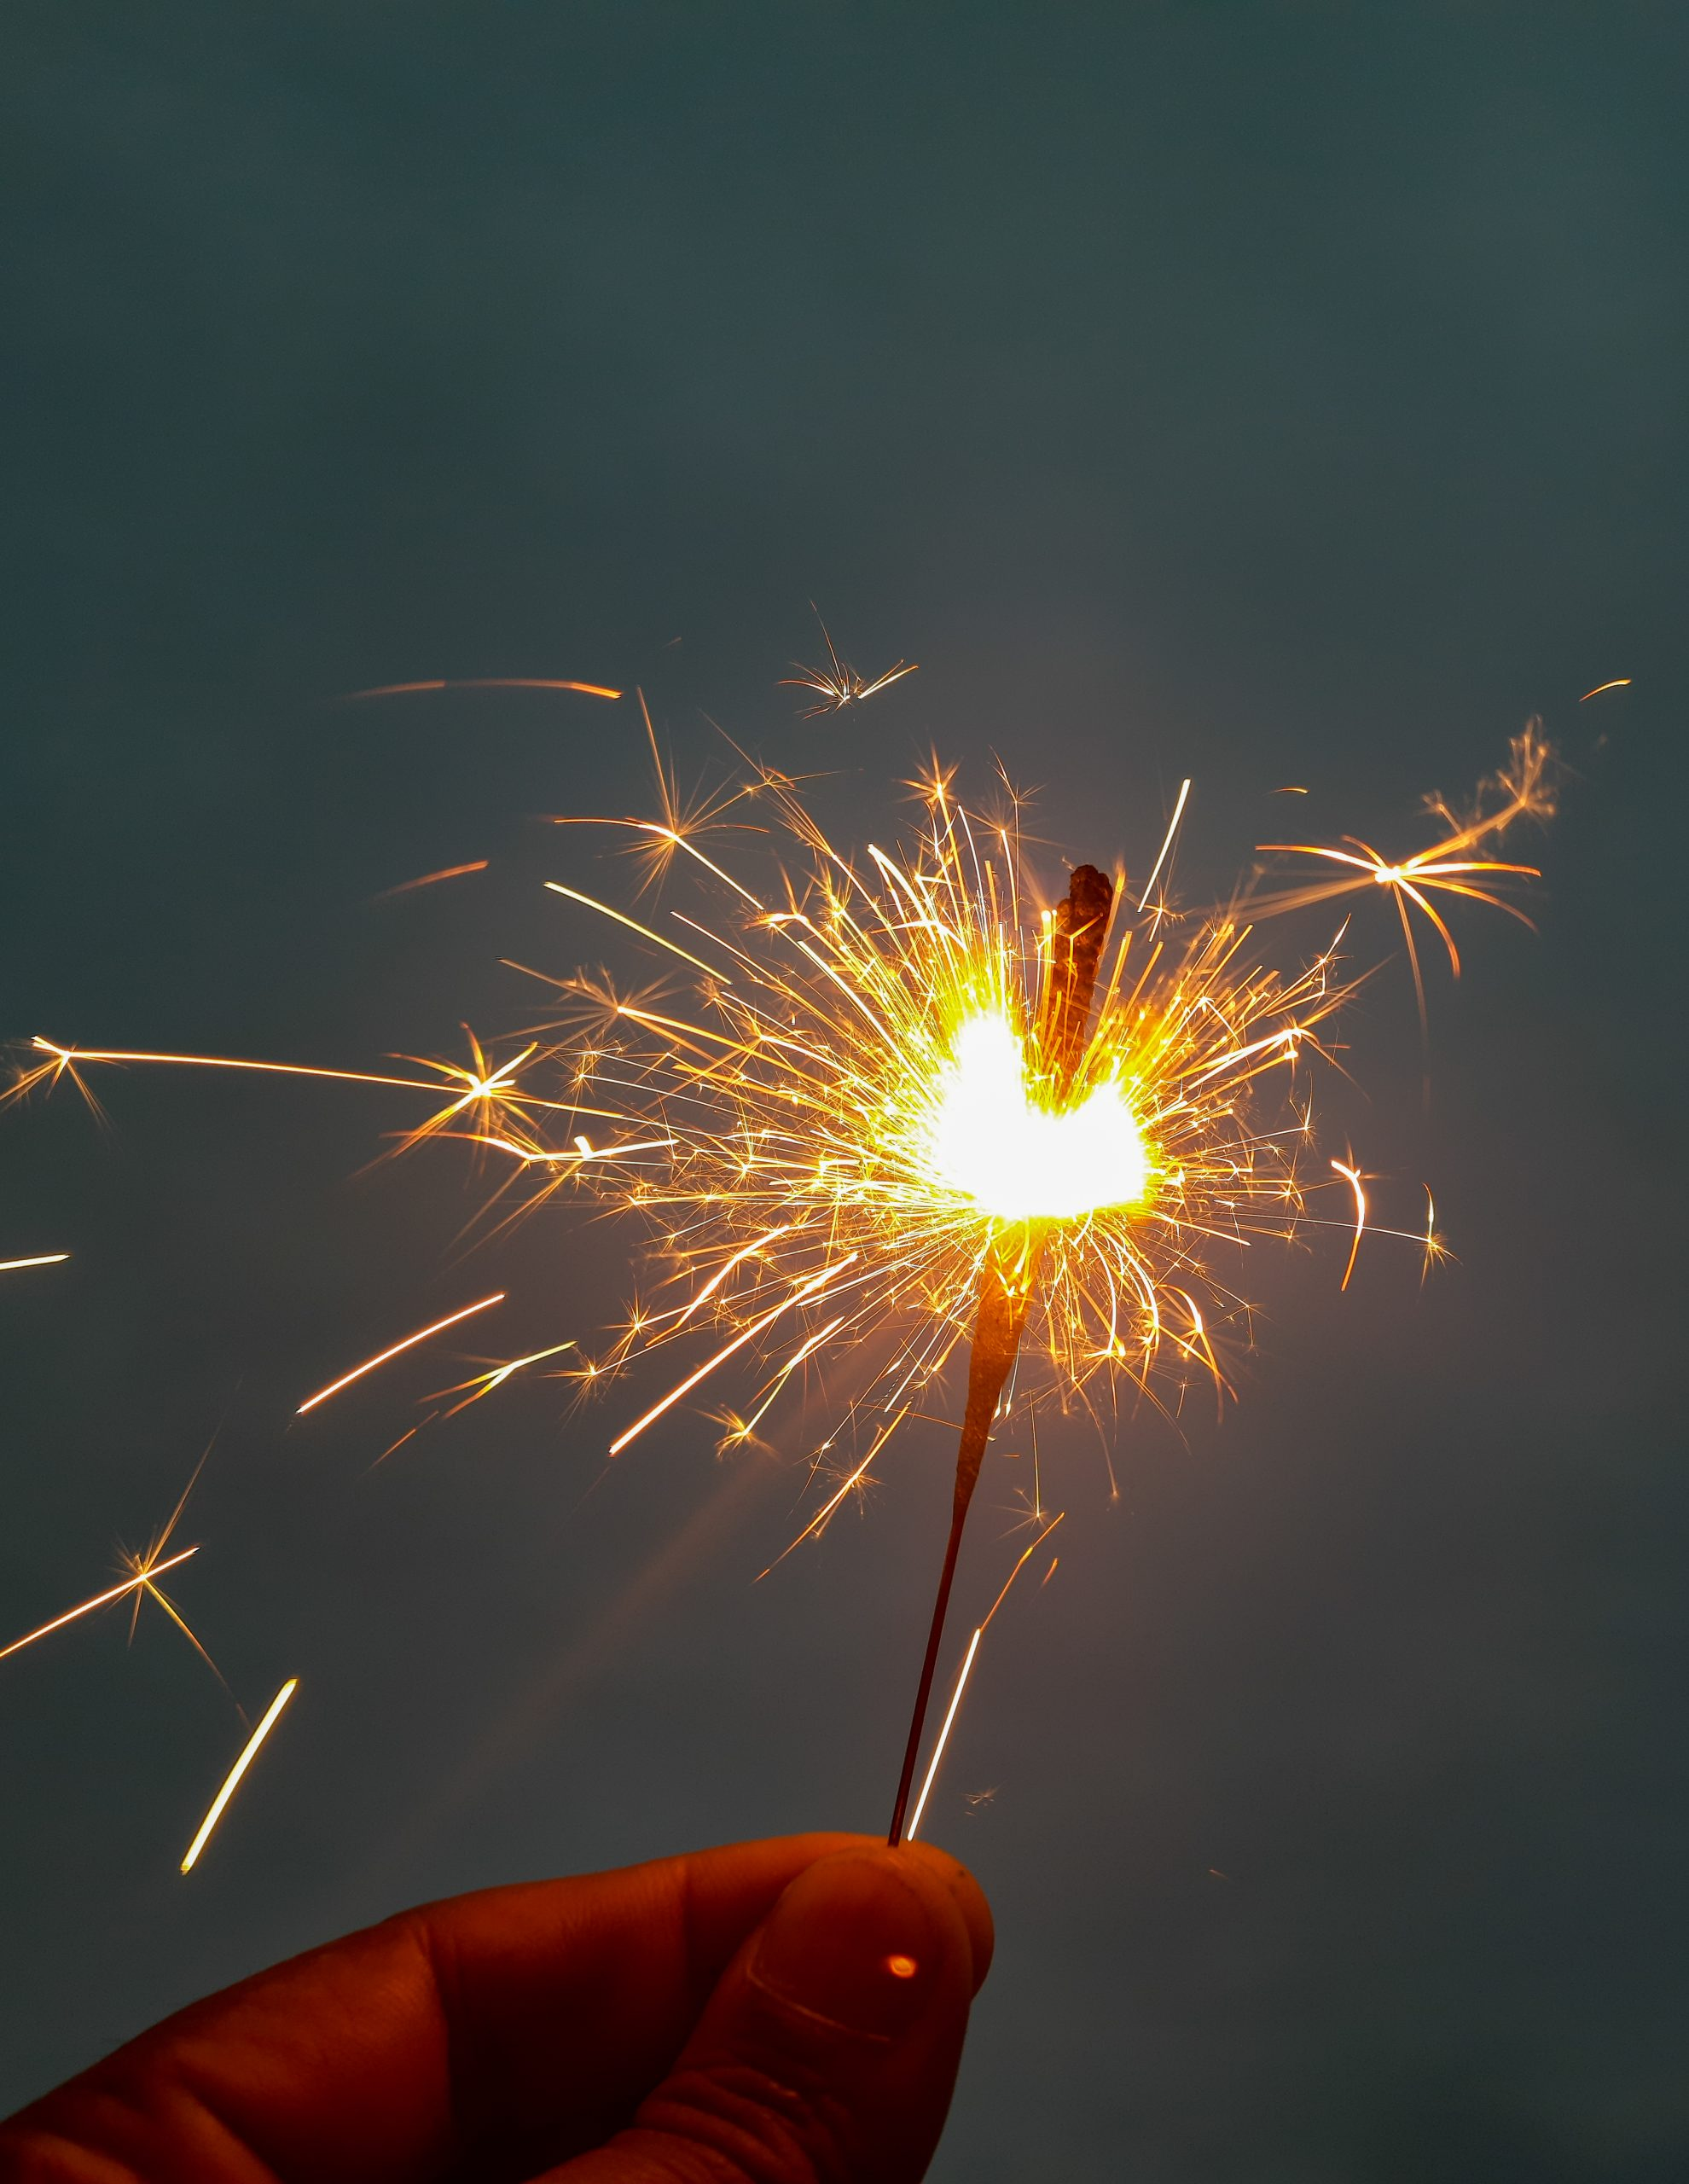 sparkler firecracker